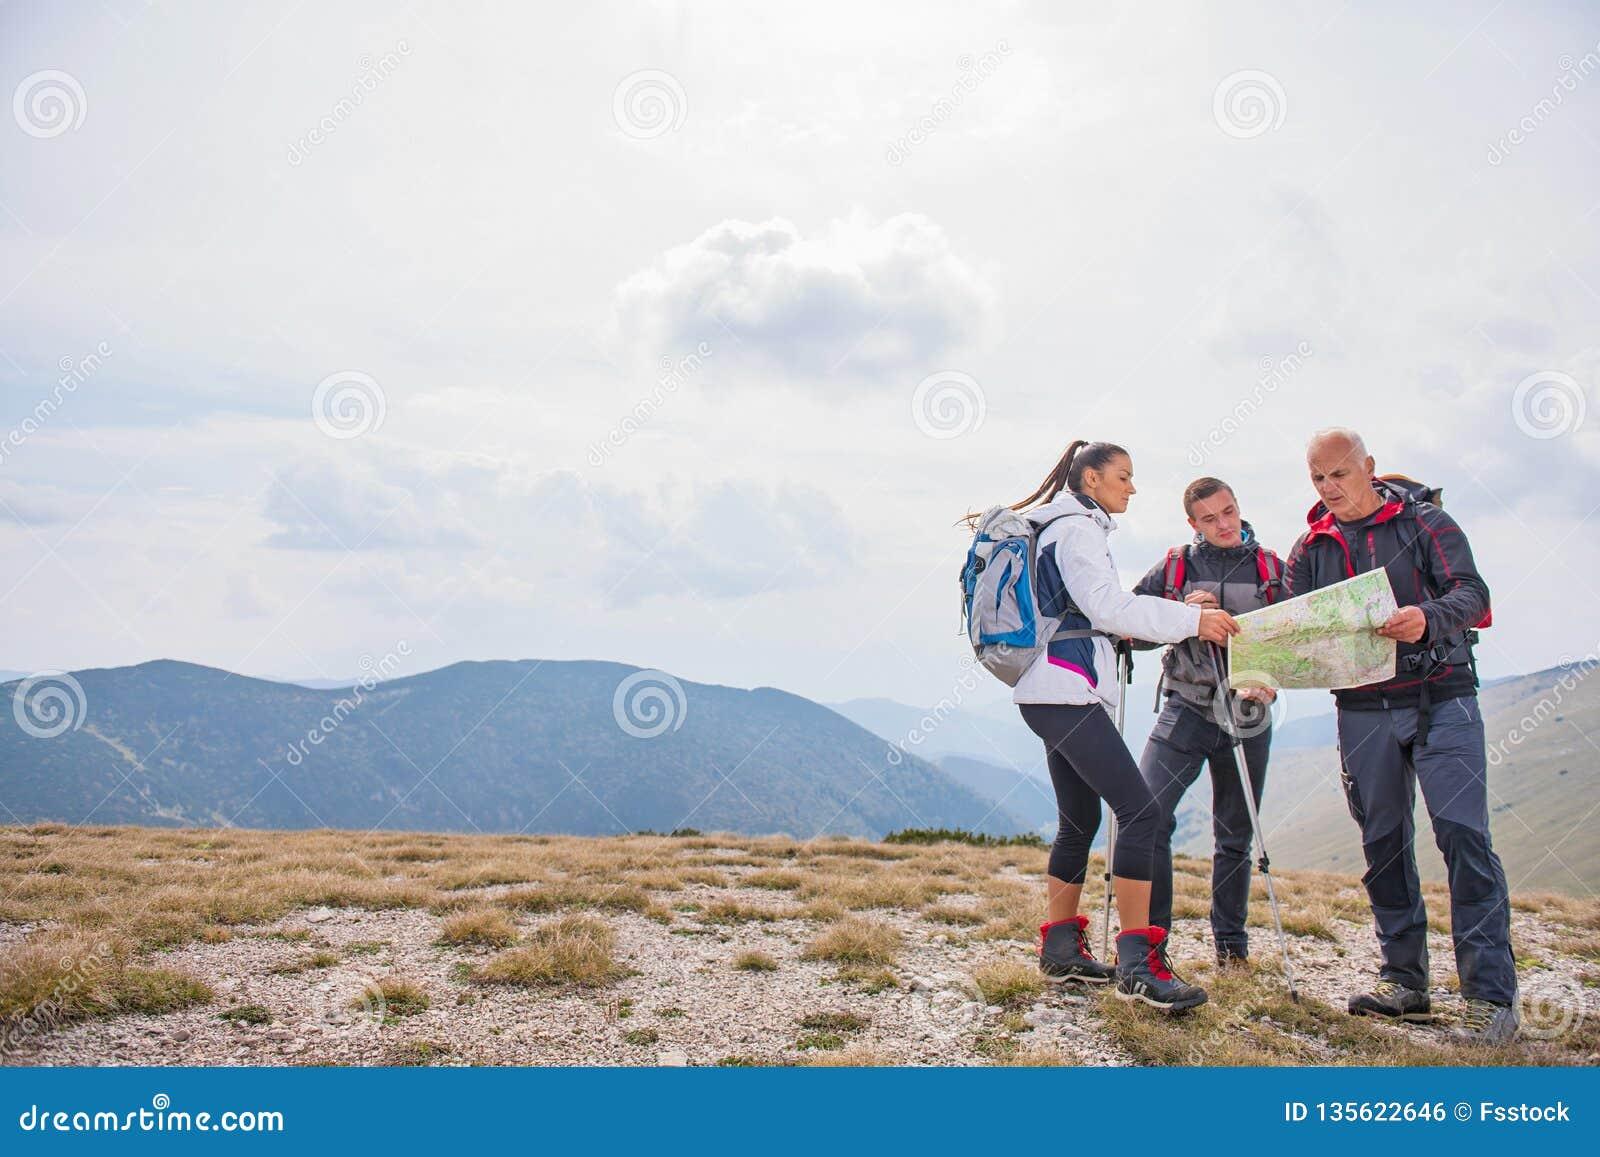 Äventyra, resa, turism, vandringen och folkbegreppet - grupp av att le vänner med ryggsäckar och översikten utomhus